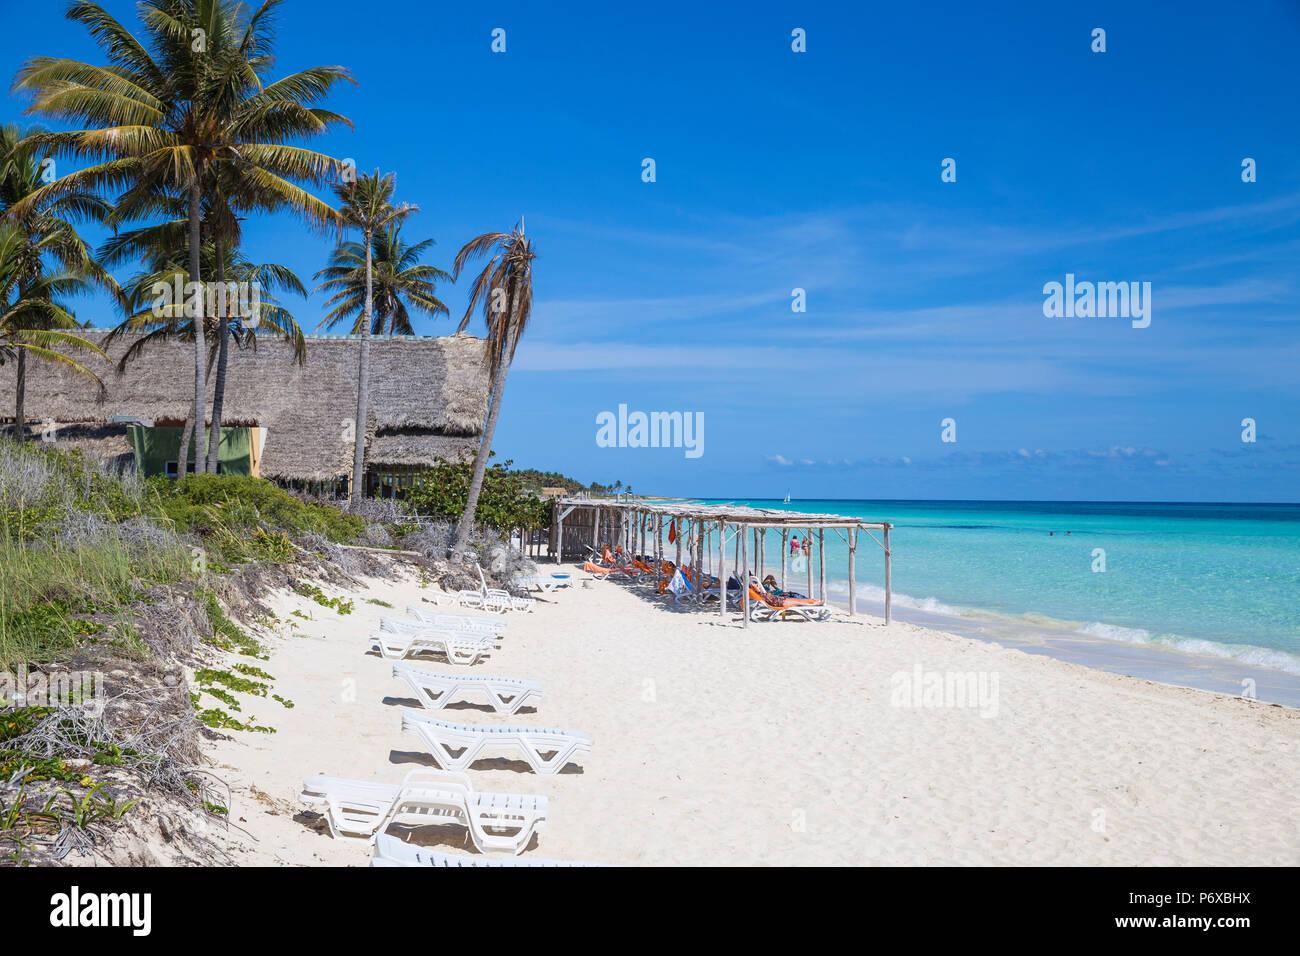 Cuba, Jardines del Rey, Cayo Coco, Playa Larga - Stock Image